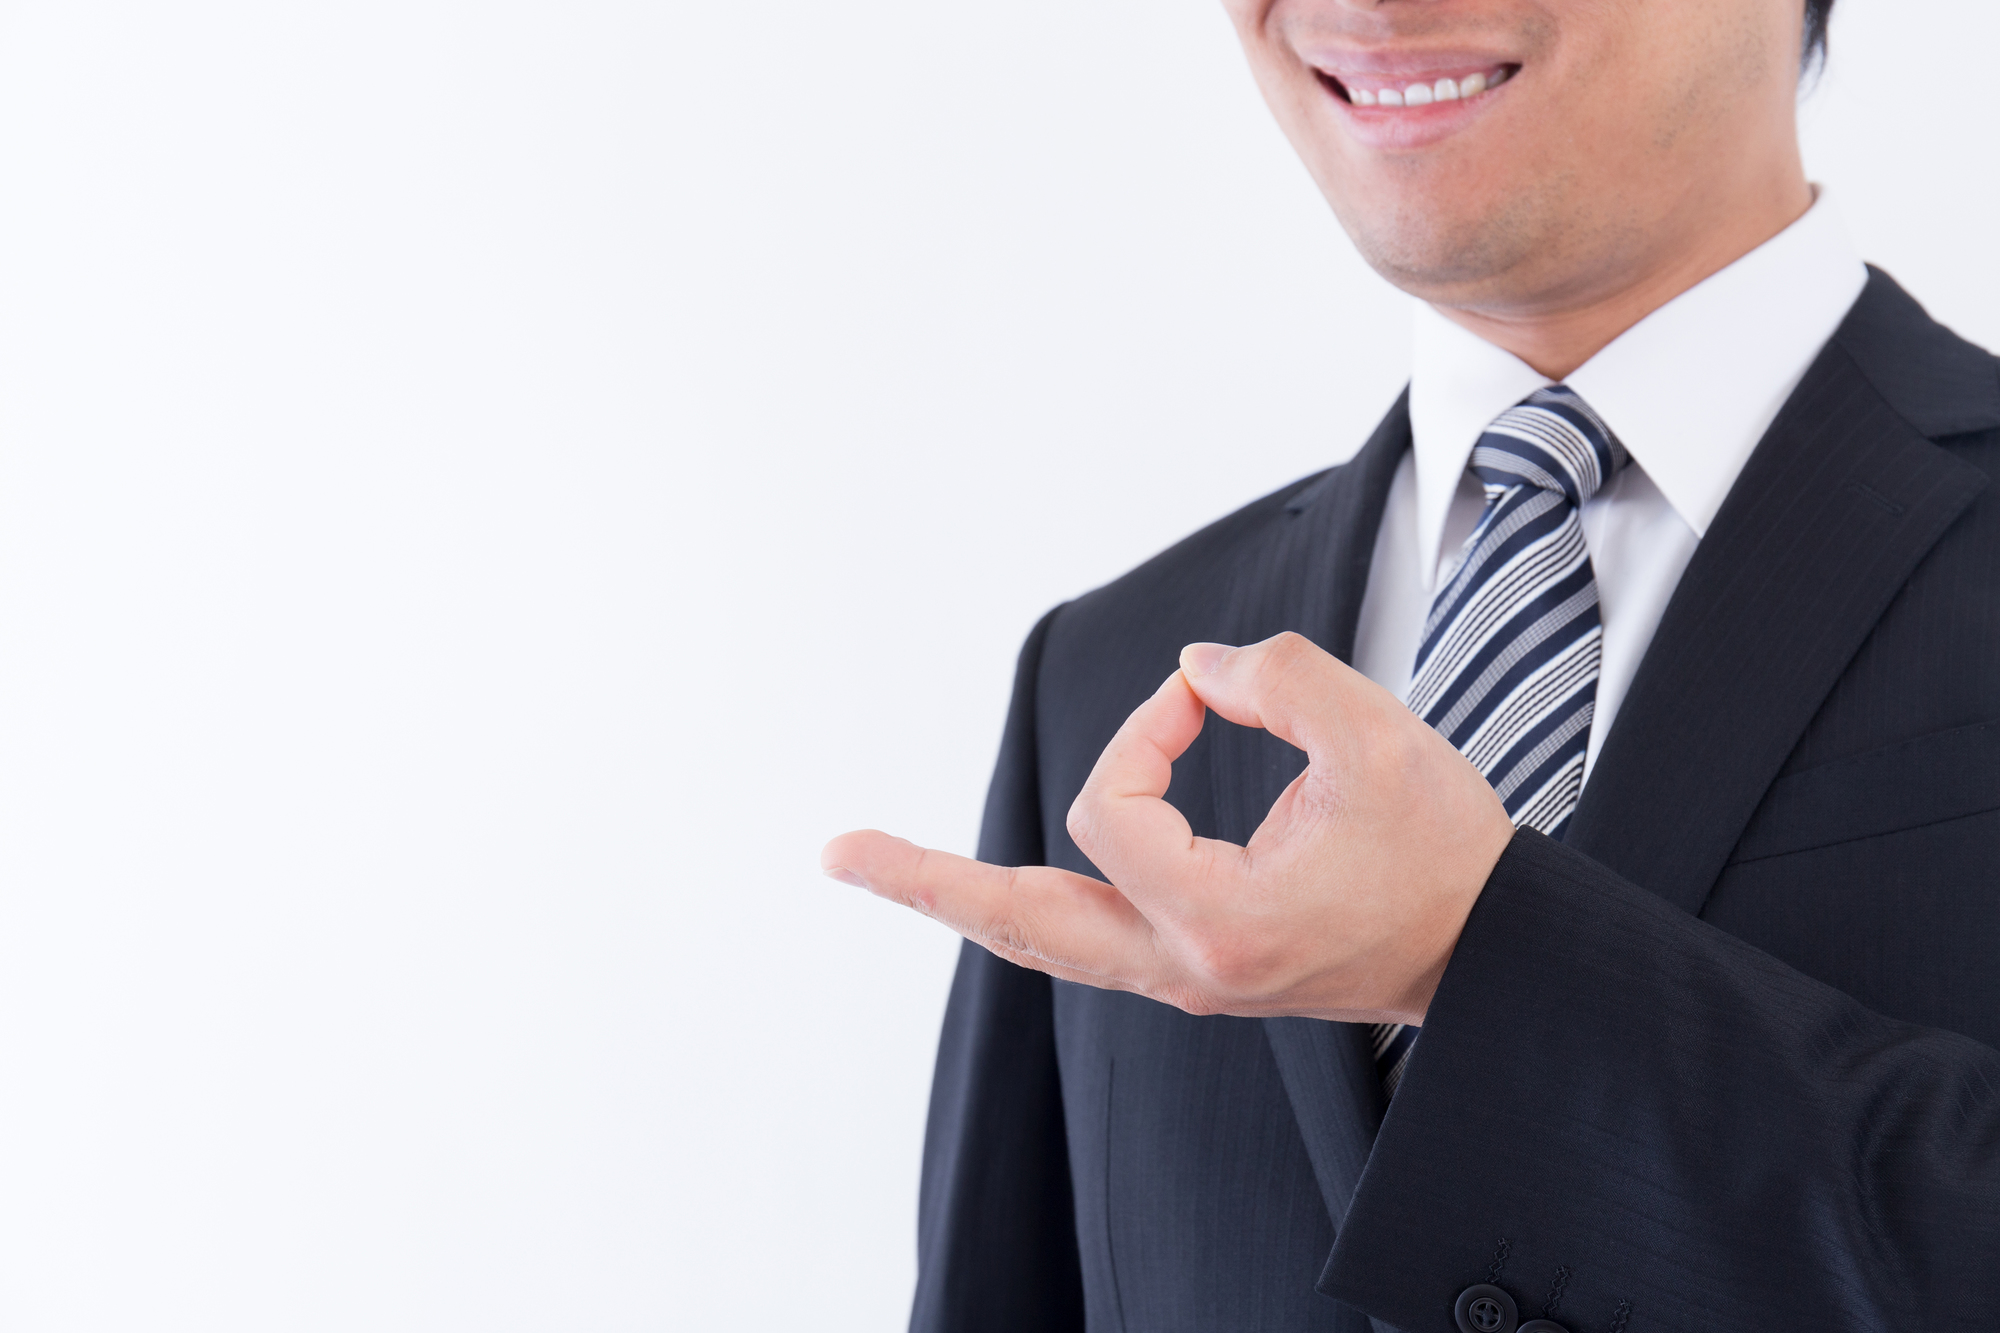 営業職に渡すべき給料は?歩合給制度のポイントまとめ